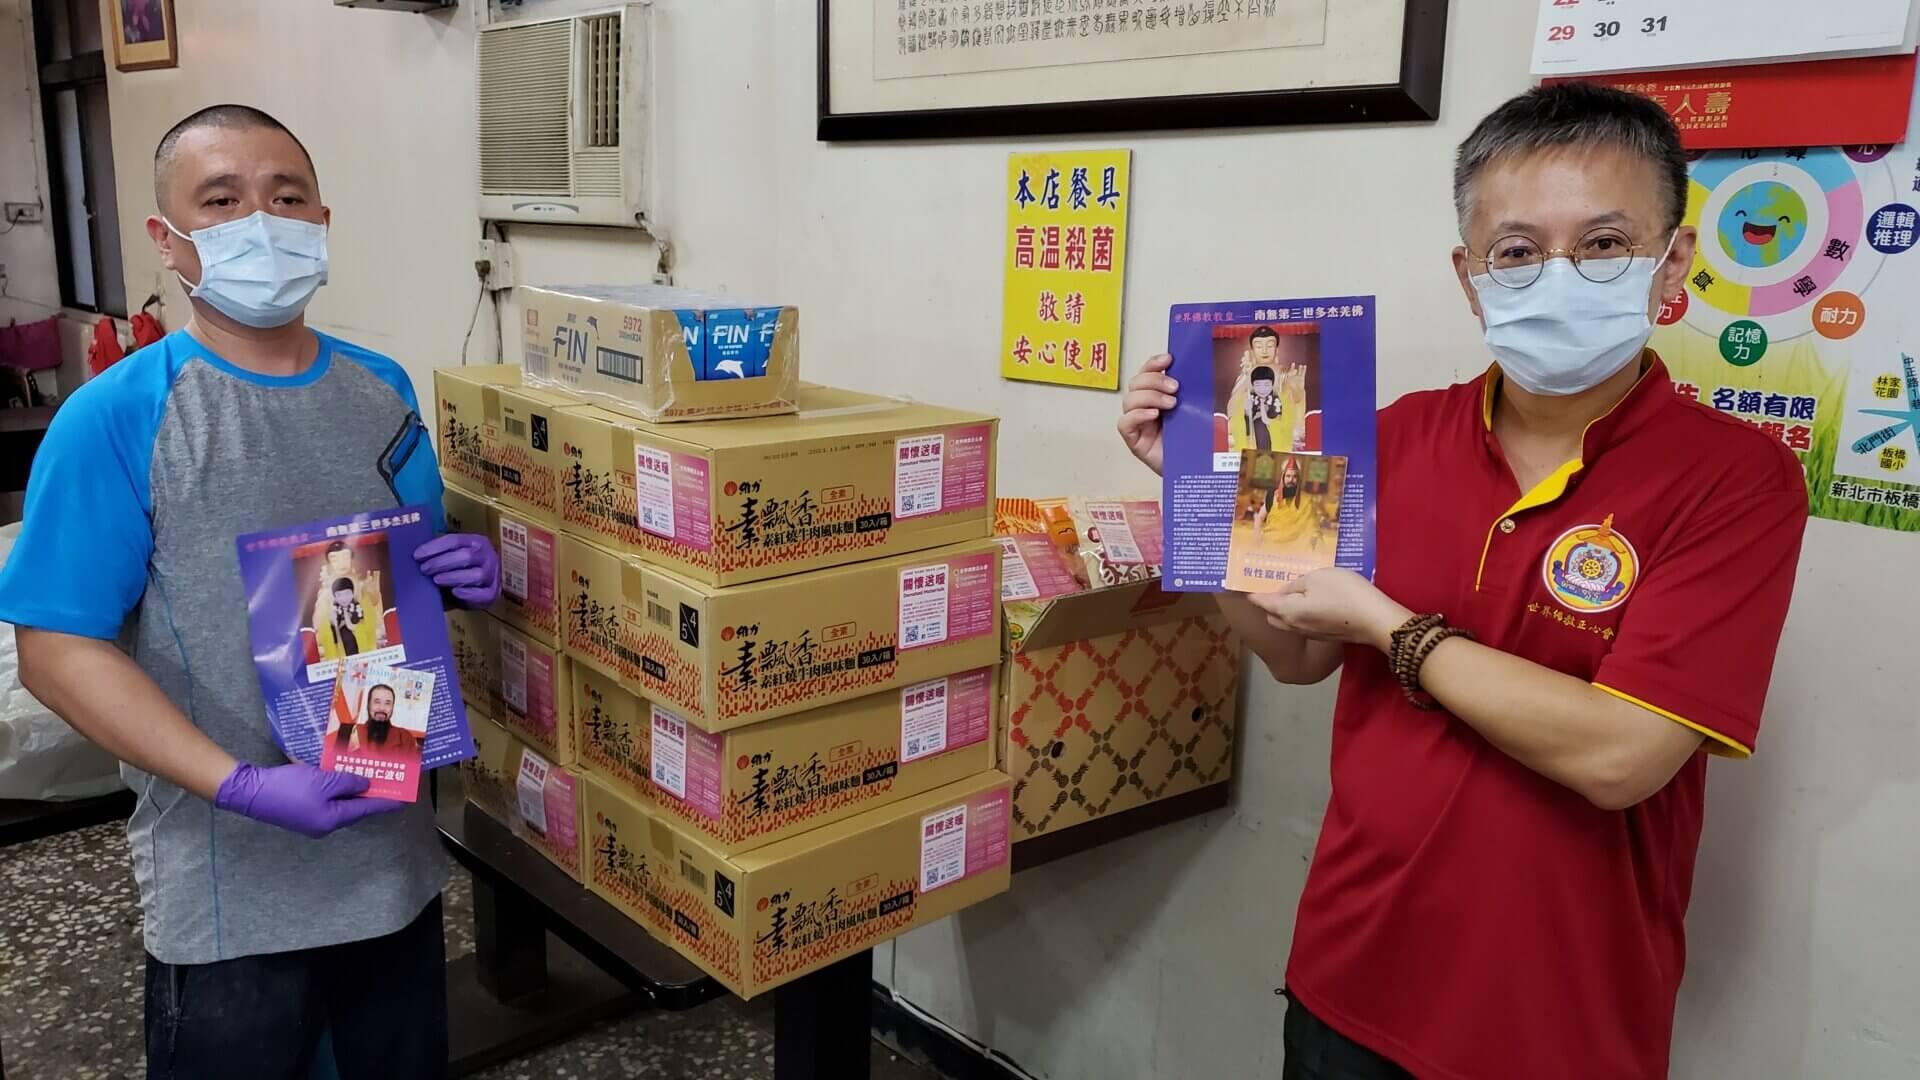 世界佛教正心會準備愛心泡麵、米粉、餅乾給板橋小吃攤做待用餐分送給弱勢家庭